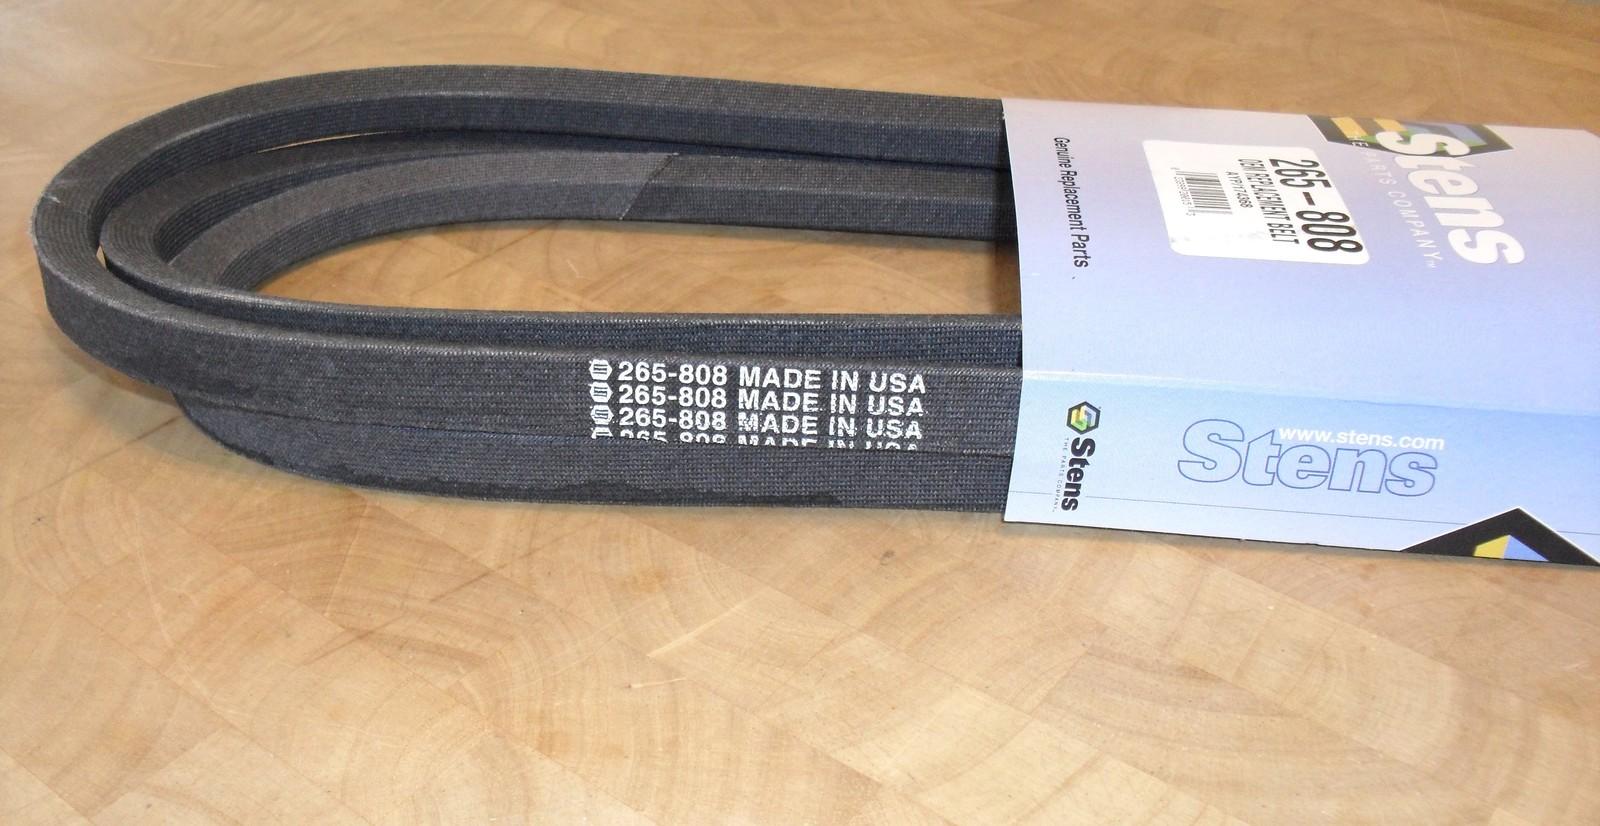 AYP Sears Craftsman PTO lawn mower belt 174368, 33907, 251160, 275010, 275011